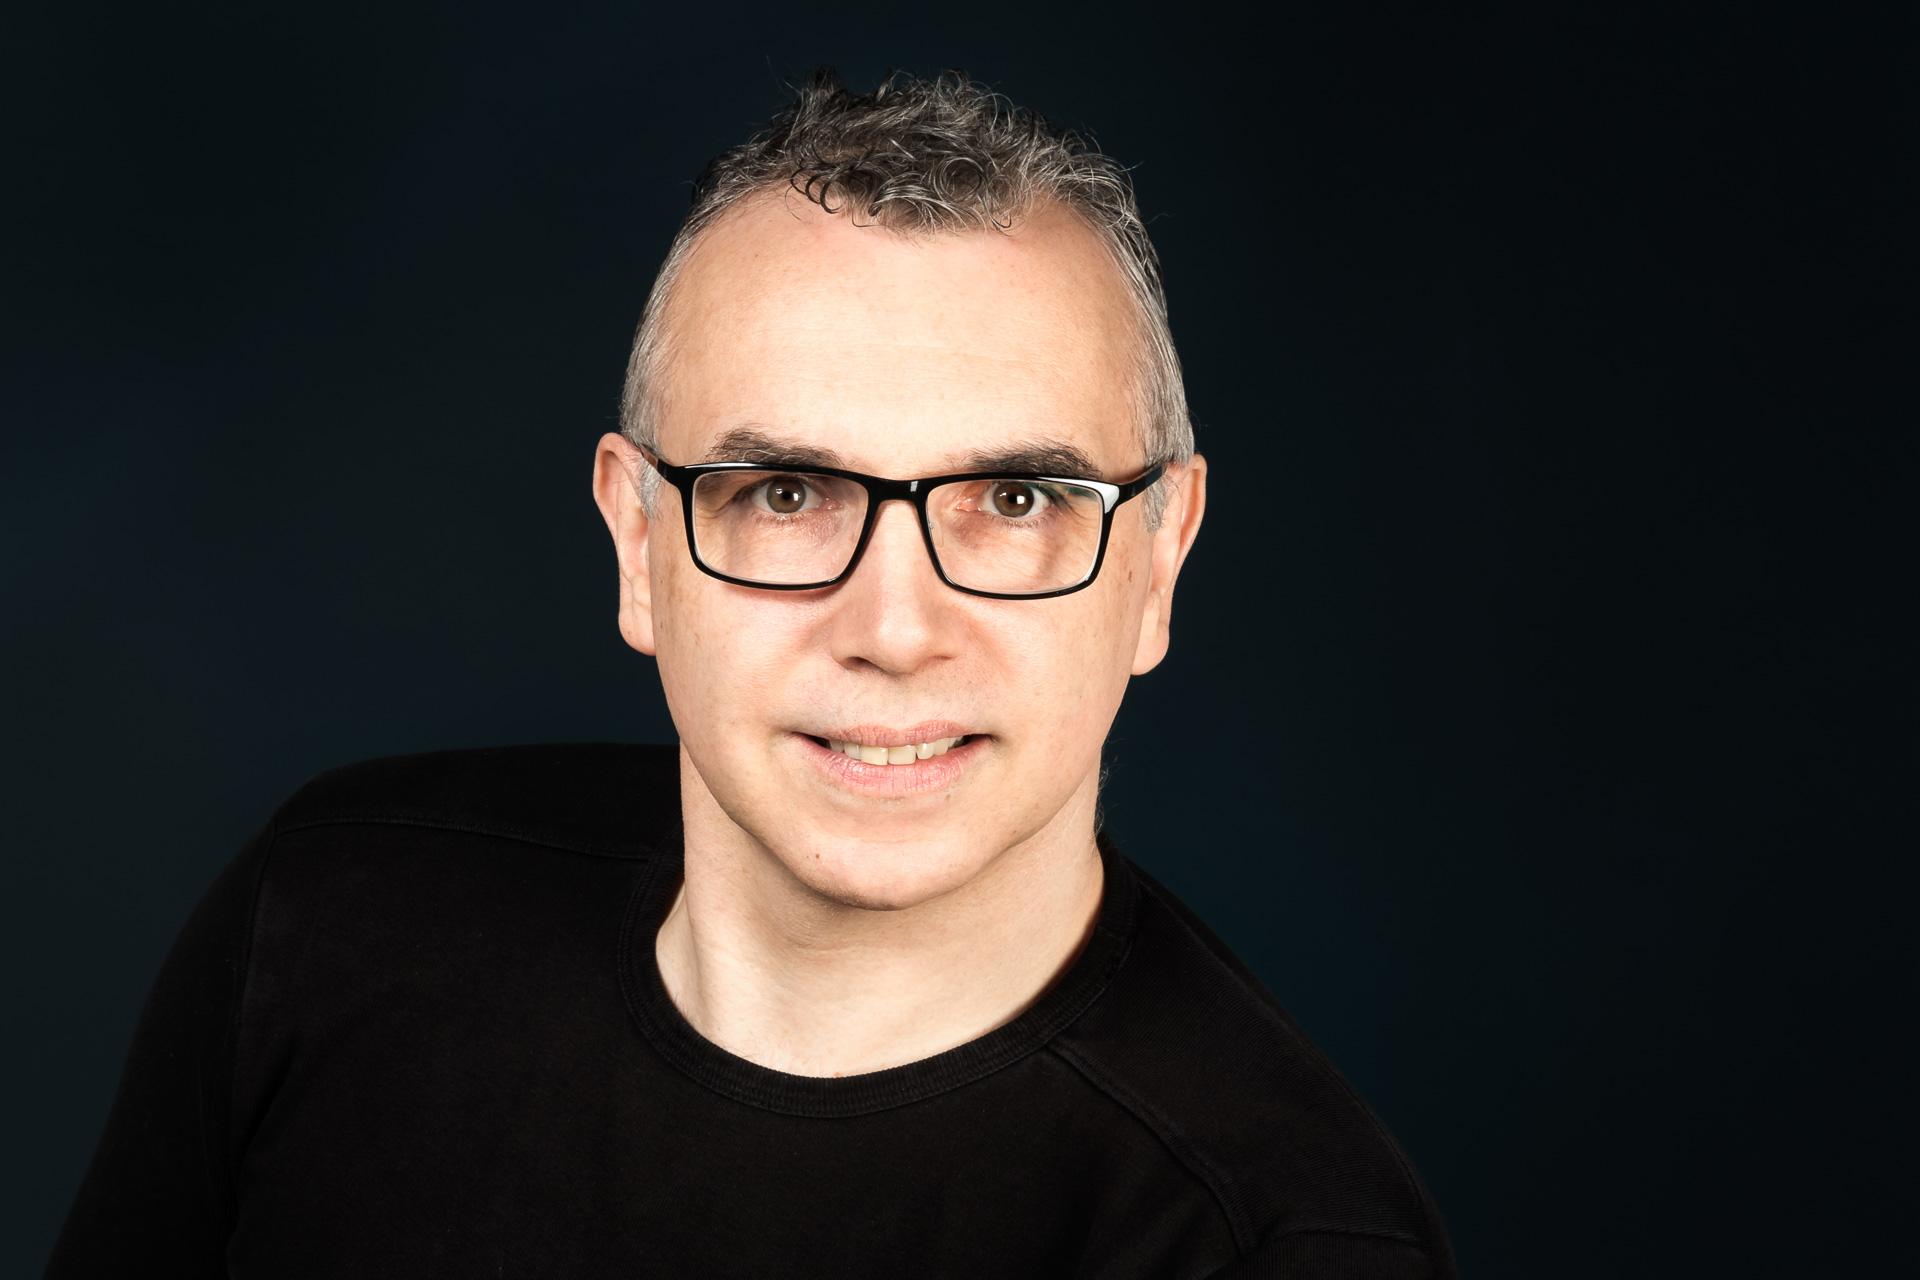 Bernd Roffmann